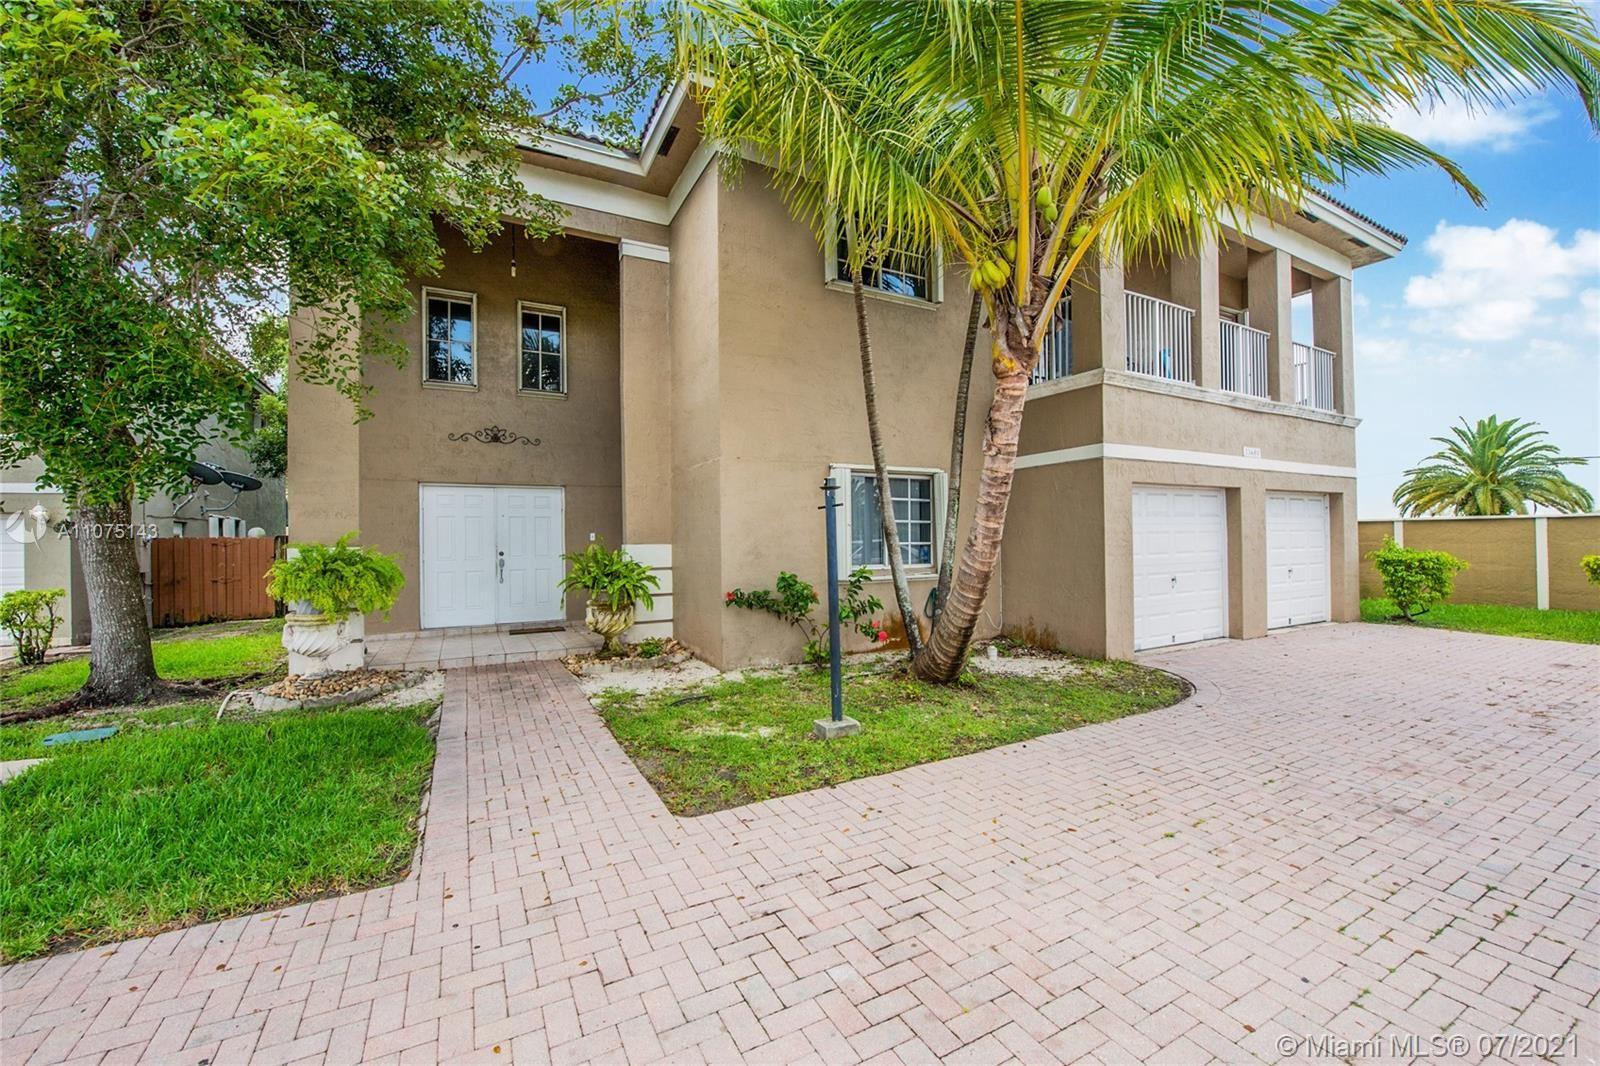 13680 SW 141st St, Miami, FL 33186 - #: A11075143